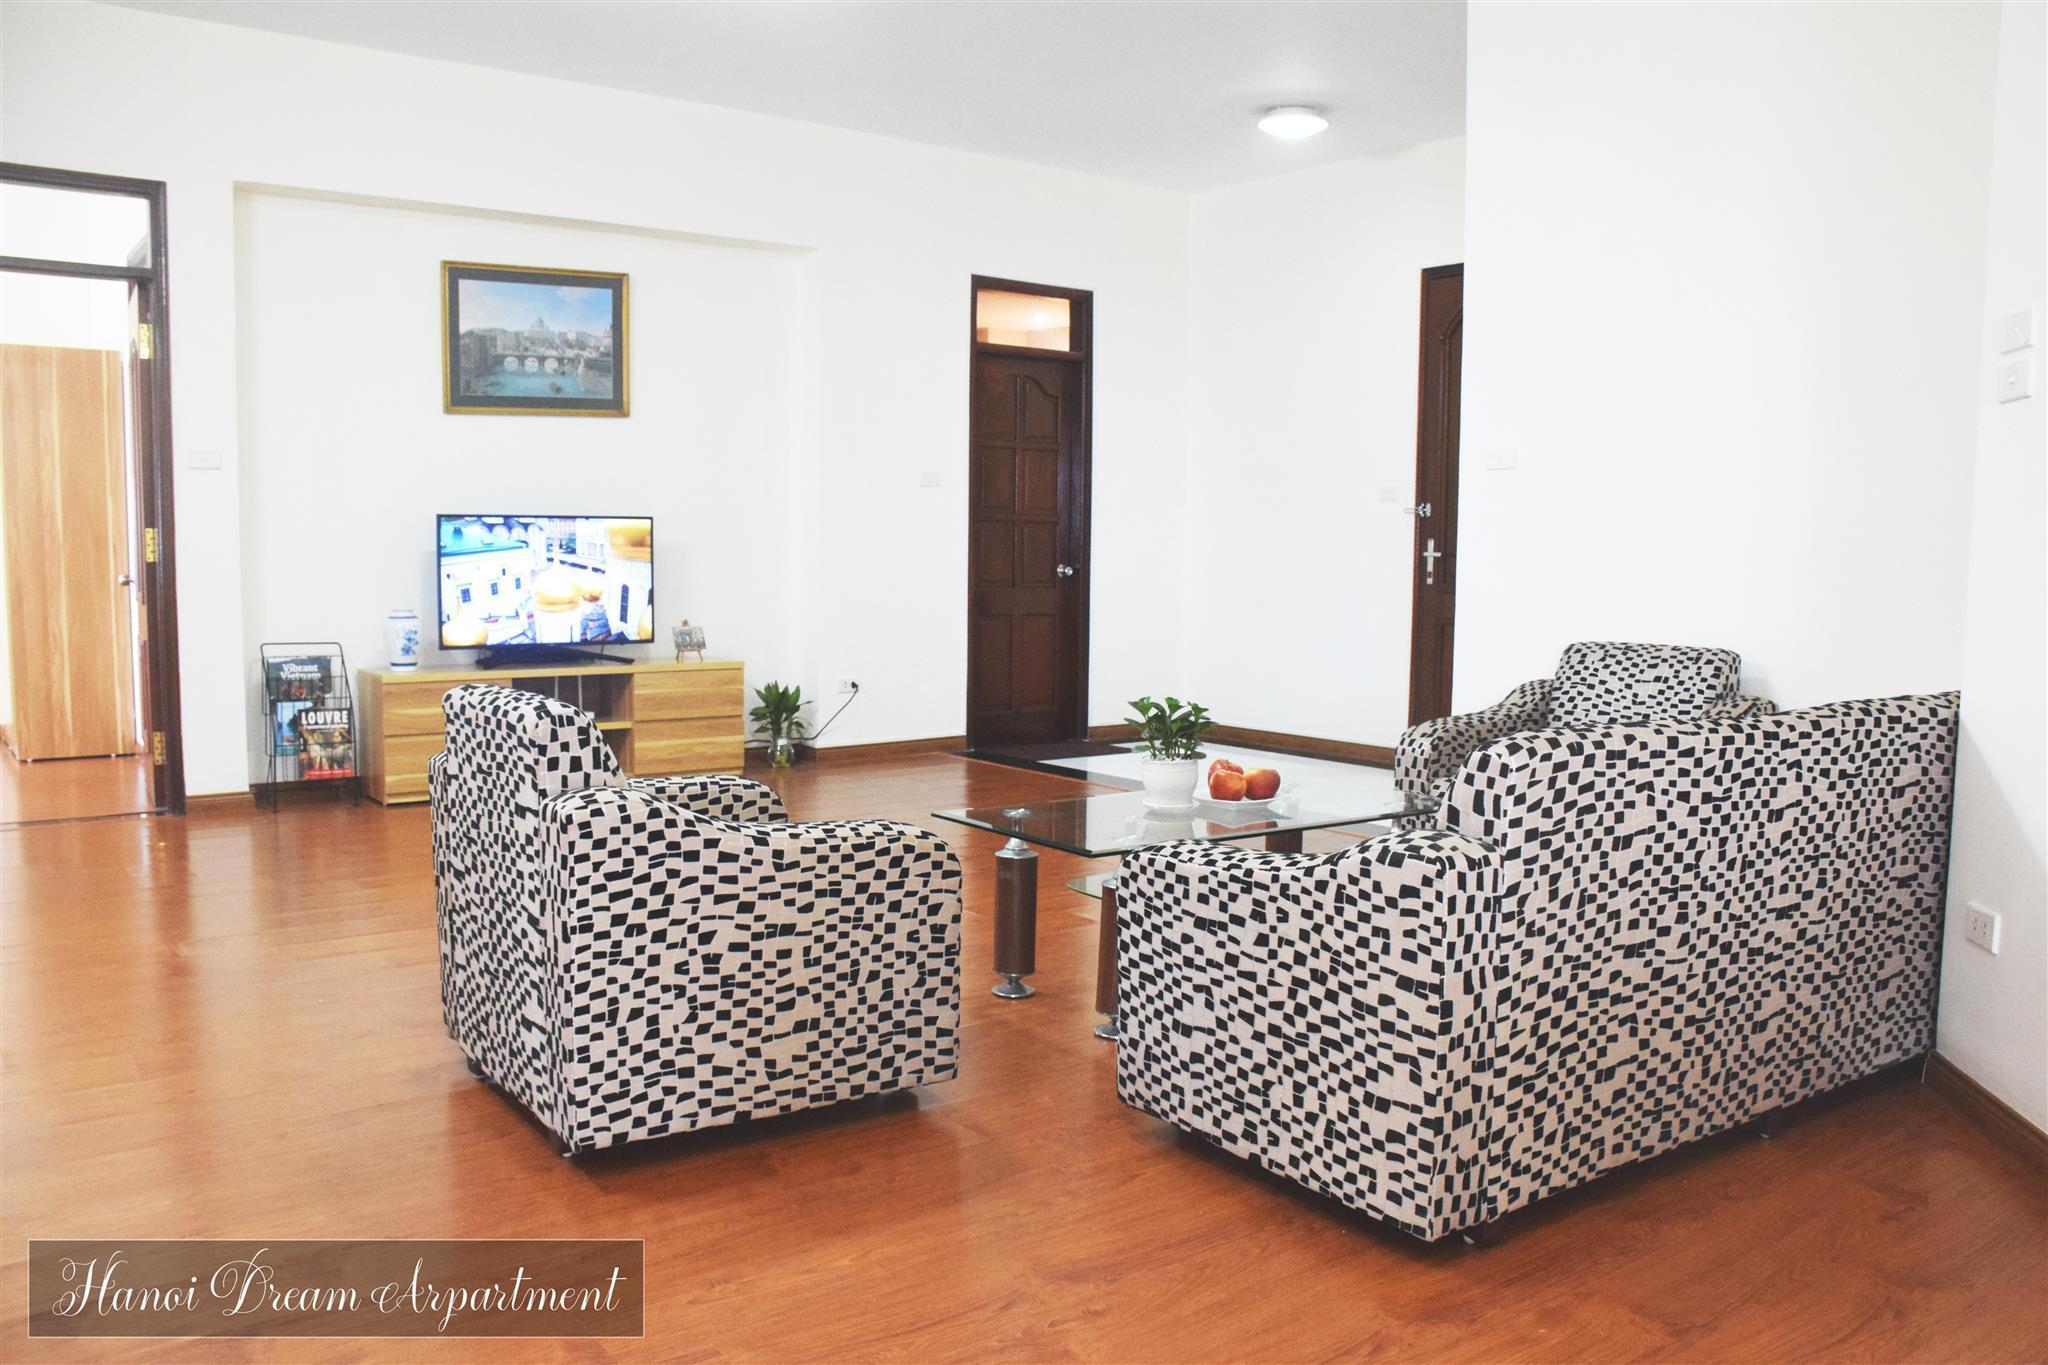 Hanoi Dream Apartment